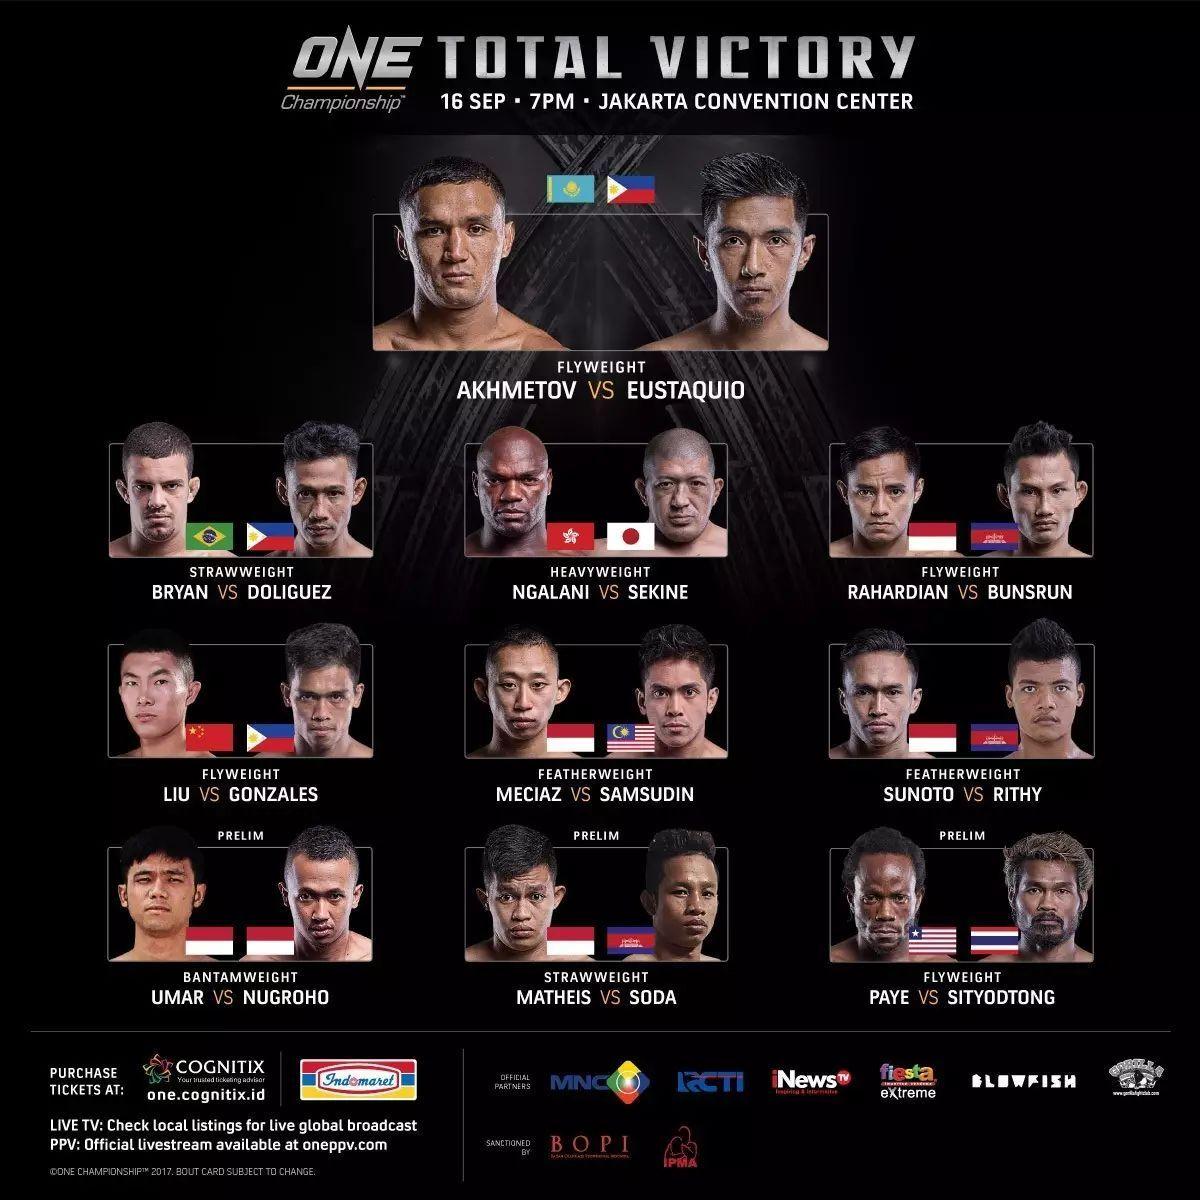 2017年9月16日ONE冠军赛61雅加达站 - 对阵[视频]